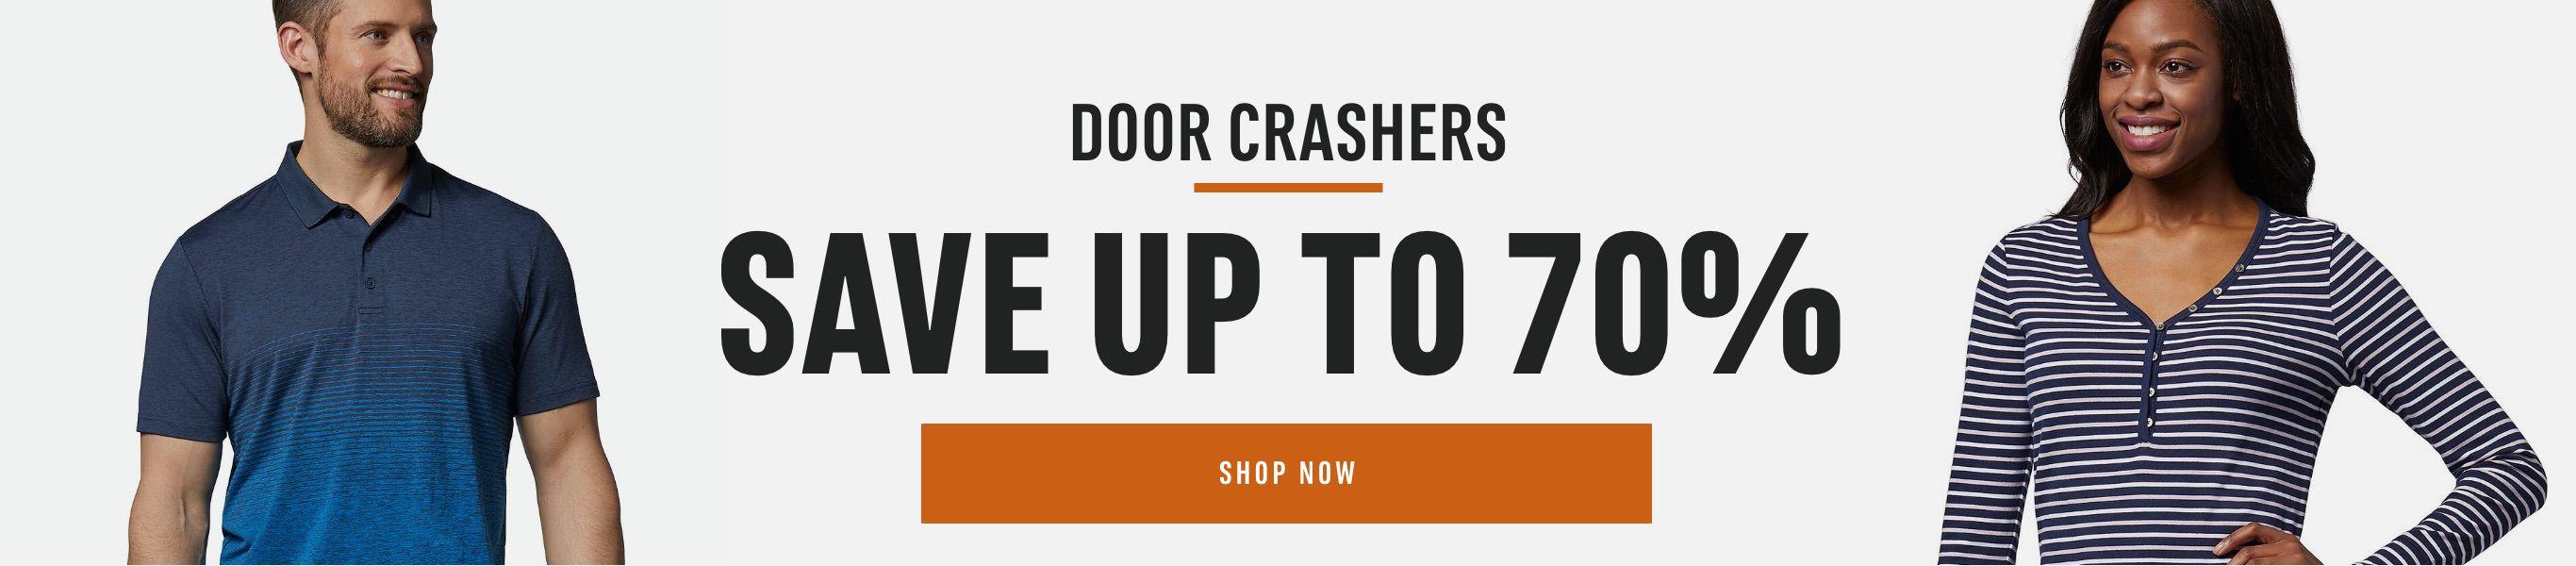 Door Crashers: Save Up to 70%